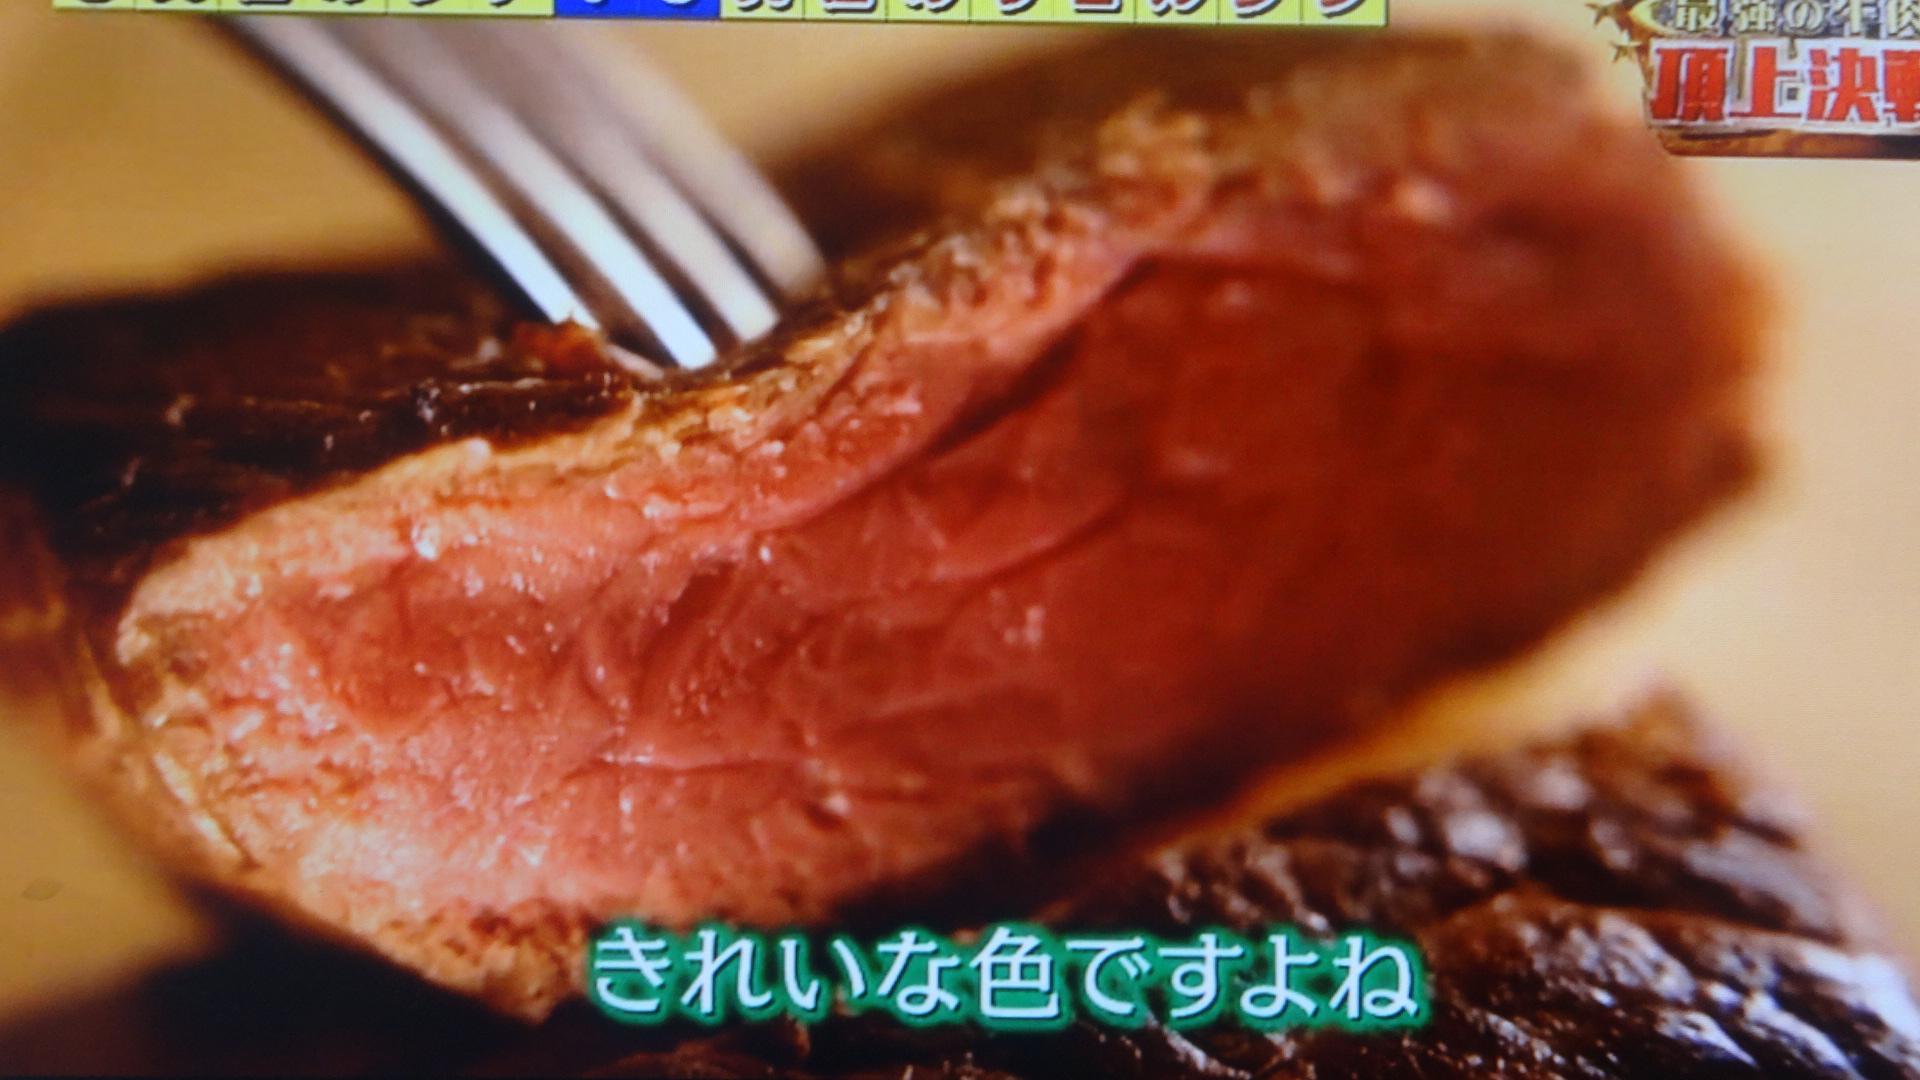 レアで焼かれたステーキの断面